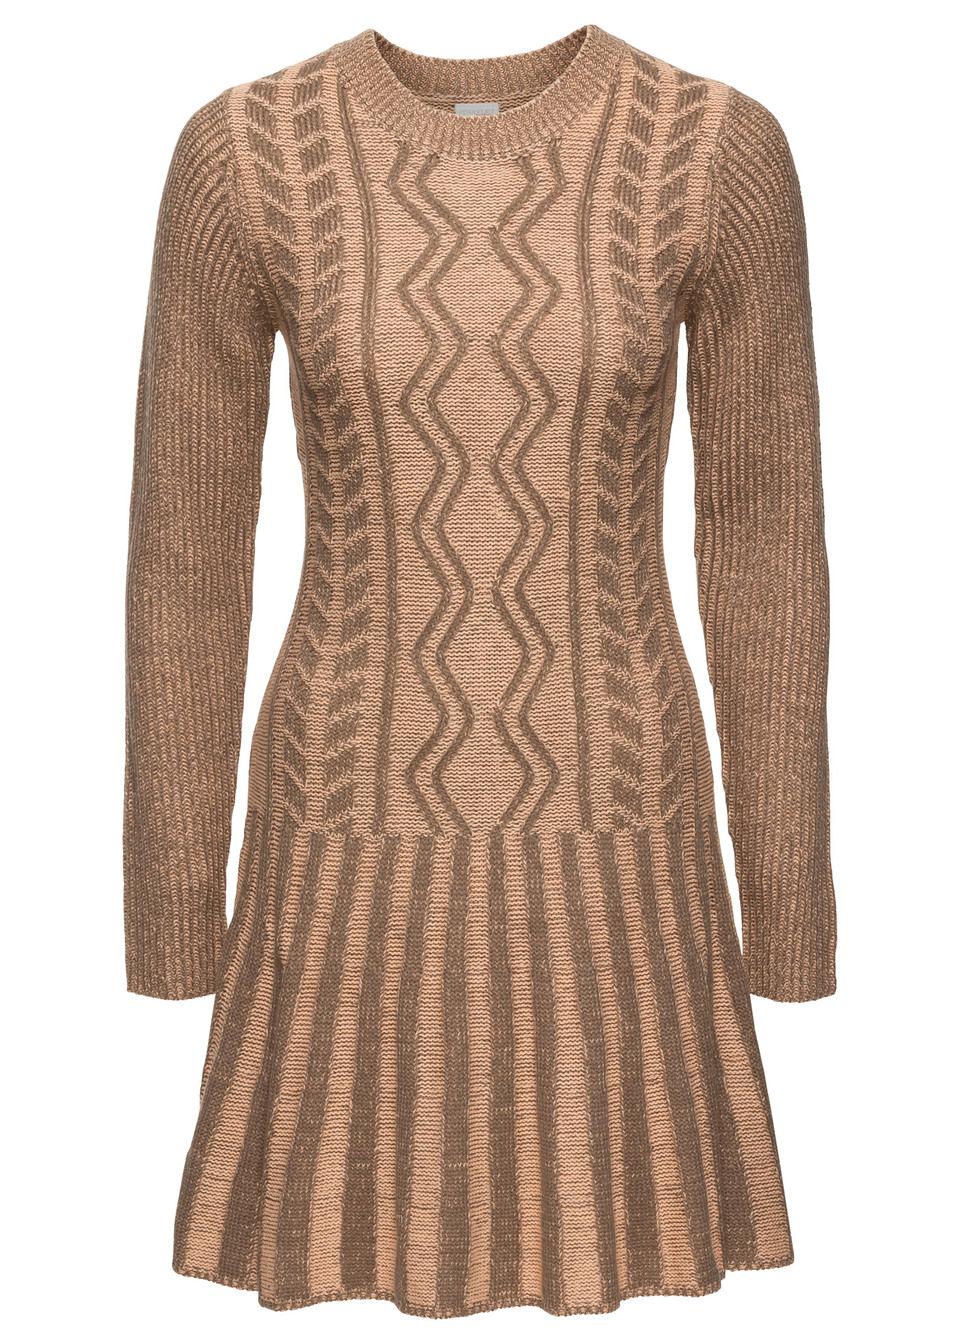 3921782a3f7c Pletené šaty pre moletky na chladné dni do práce - sú teplučké a ...